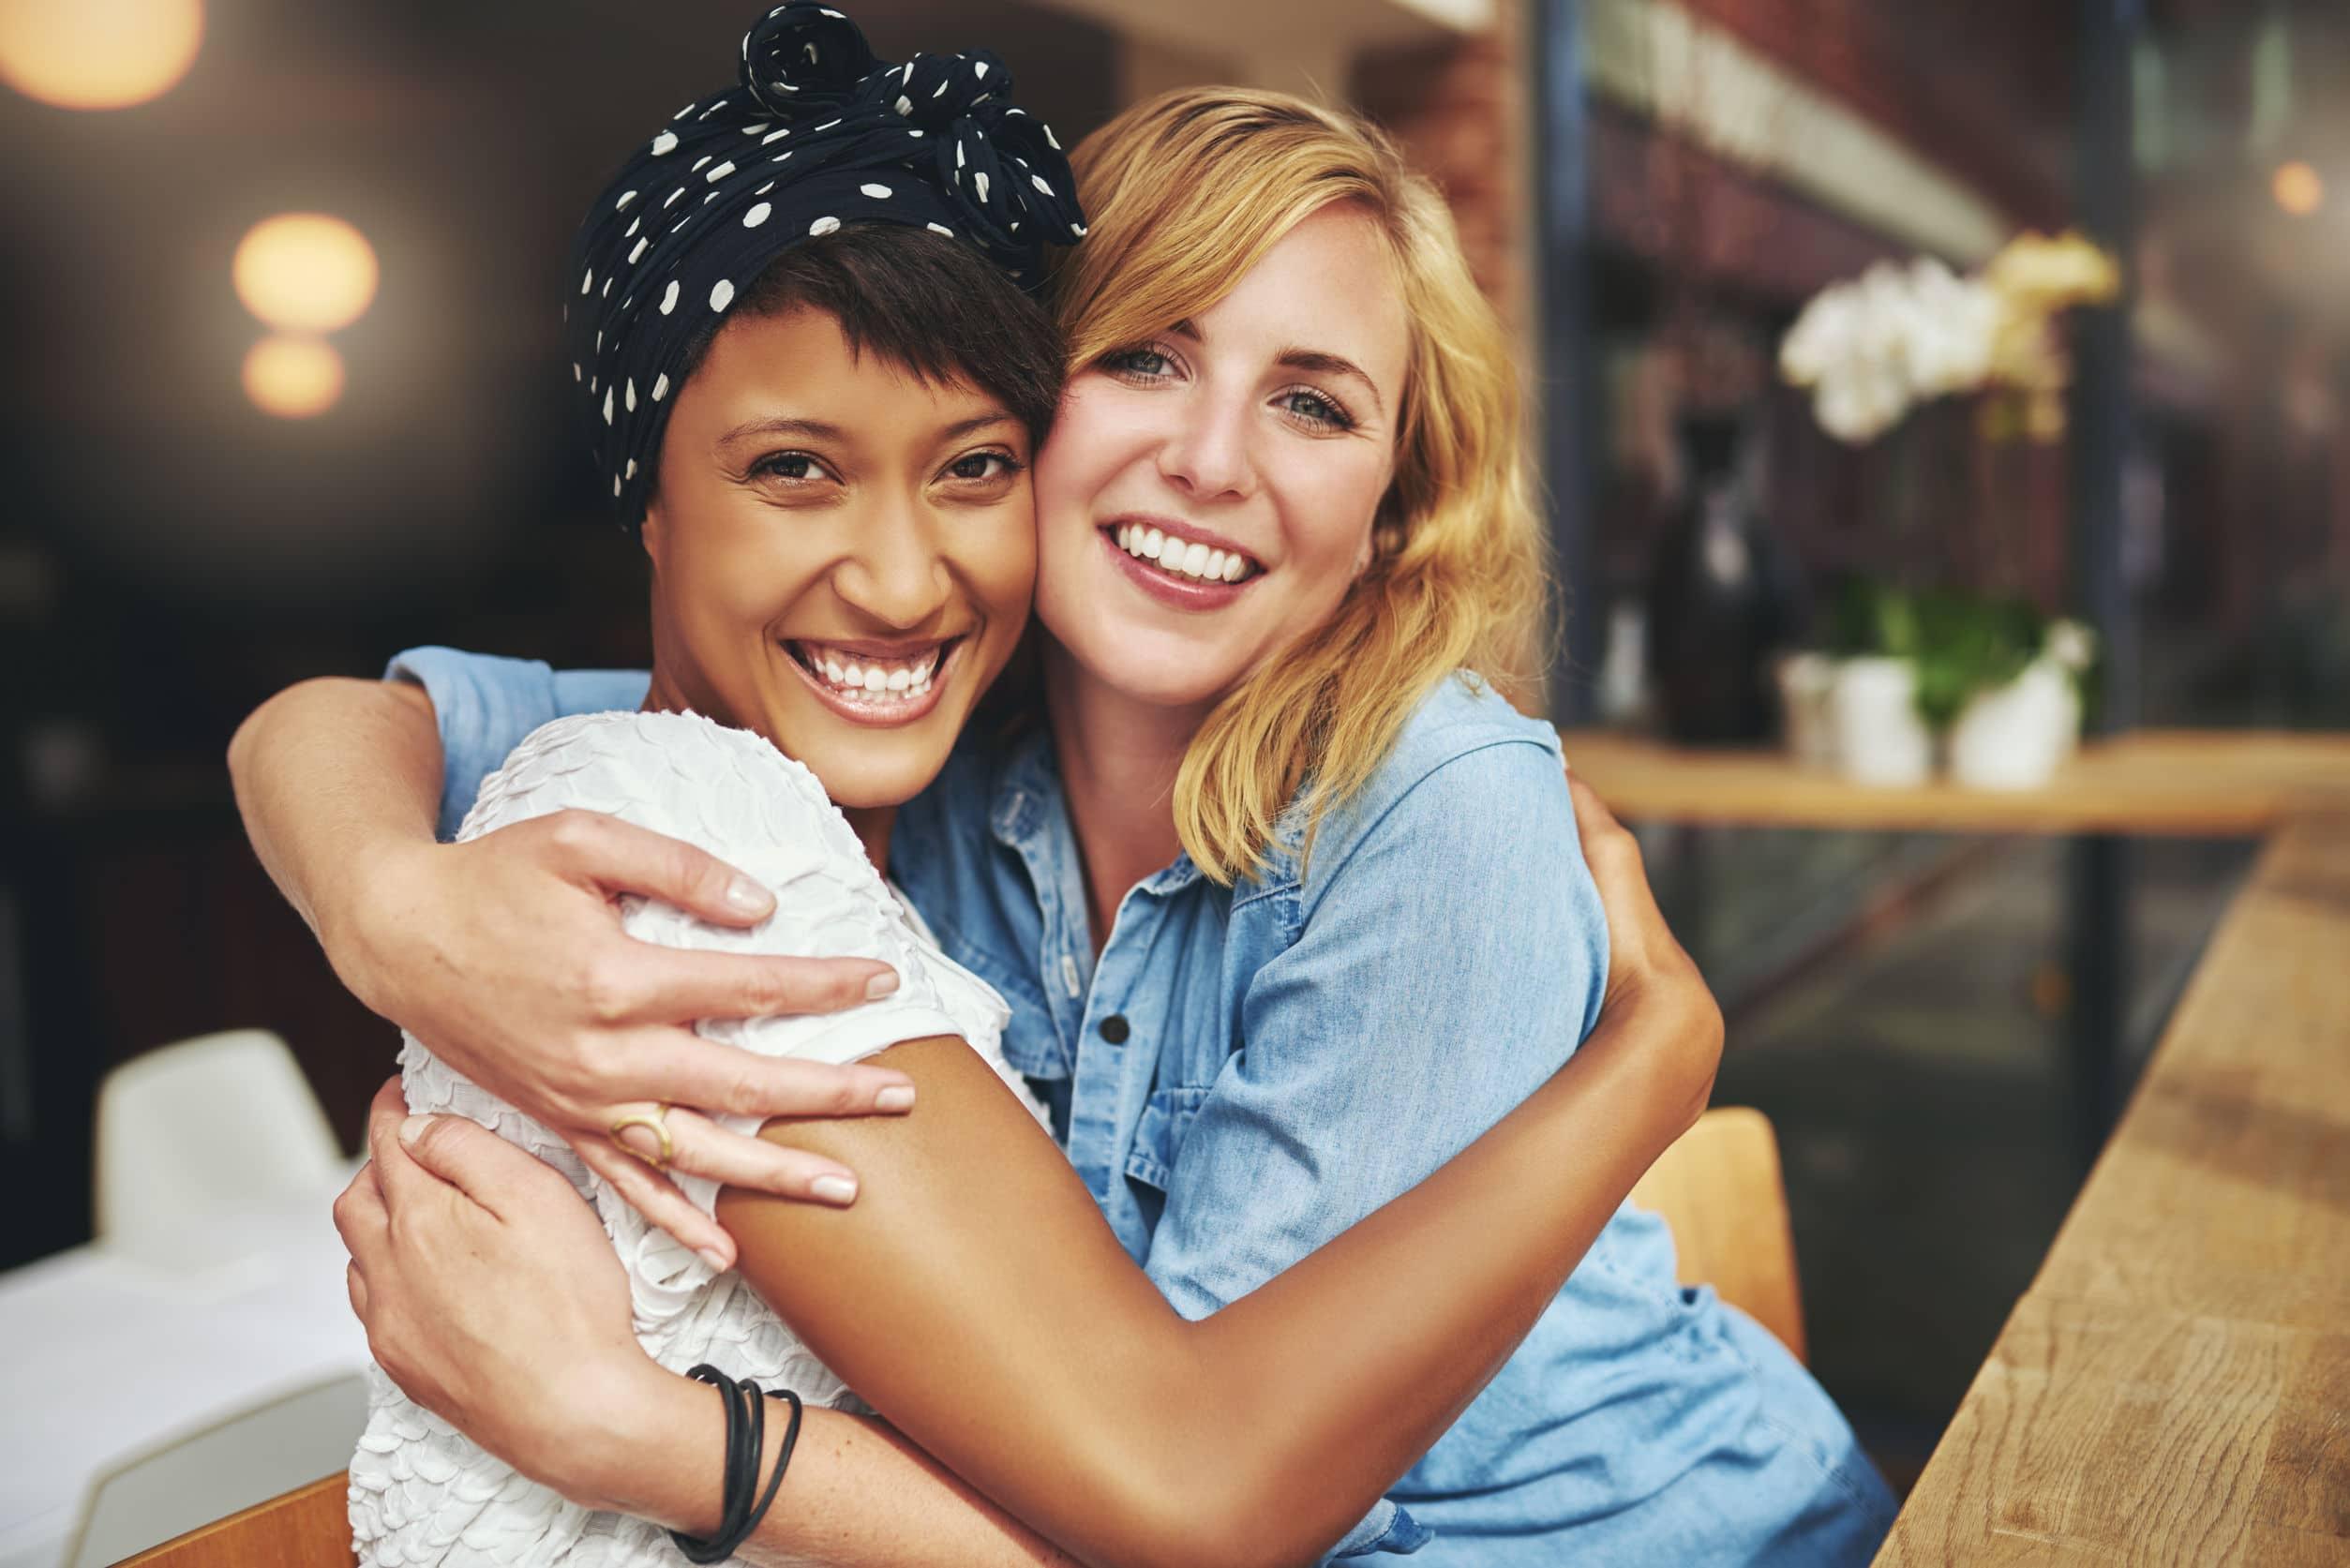 Mulher negra e mulher branca sorridentes se abraçando enquanto estão sentada na mesa de um restaurante.